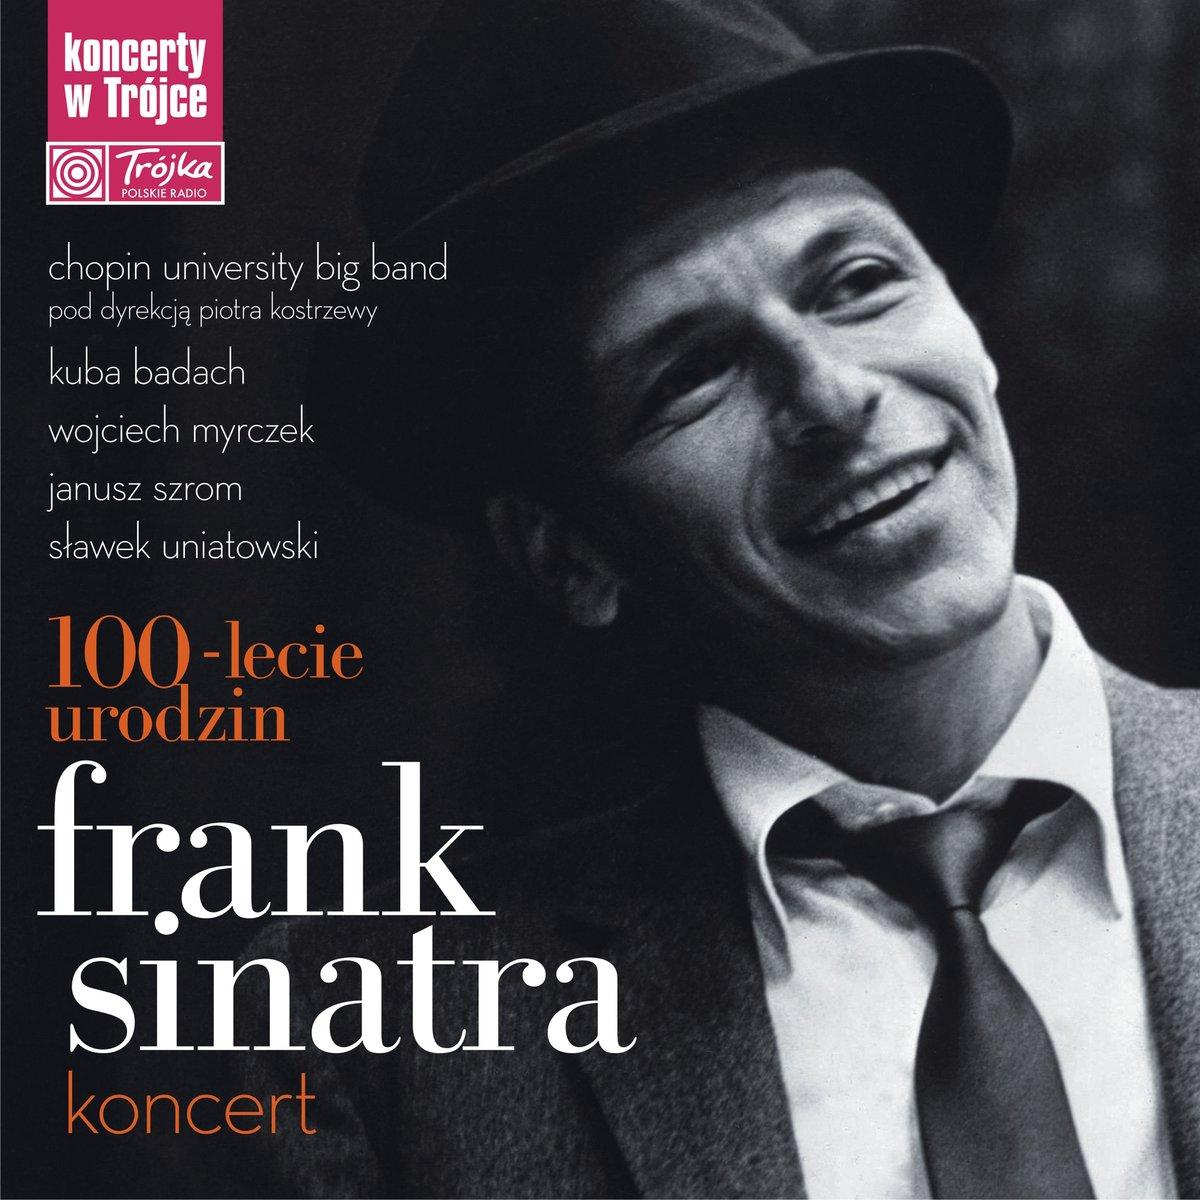 frank-sinatra-100-lecie-urodzin-koncert-w-trojce-b-iext51105133